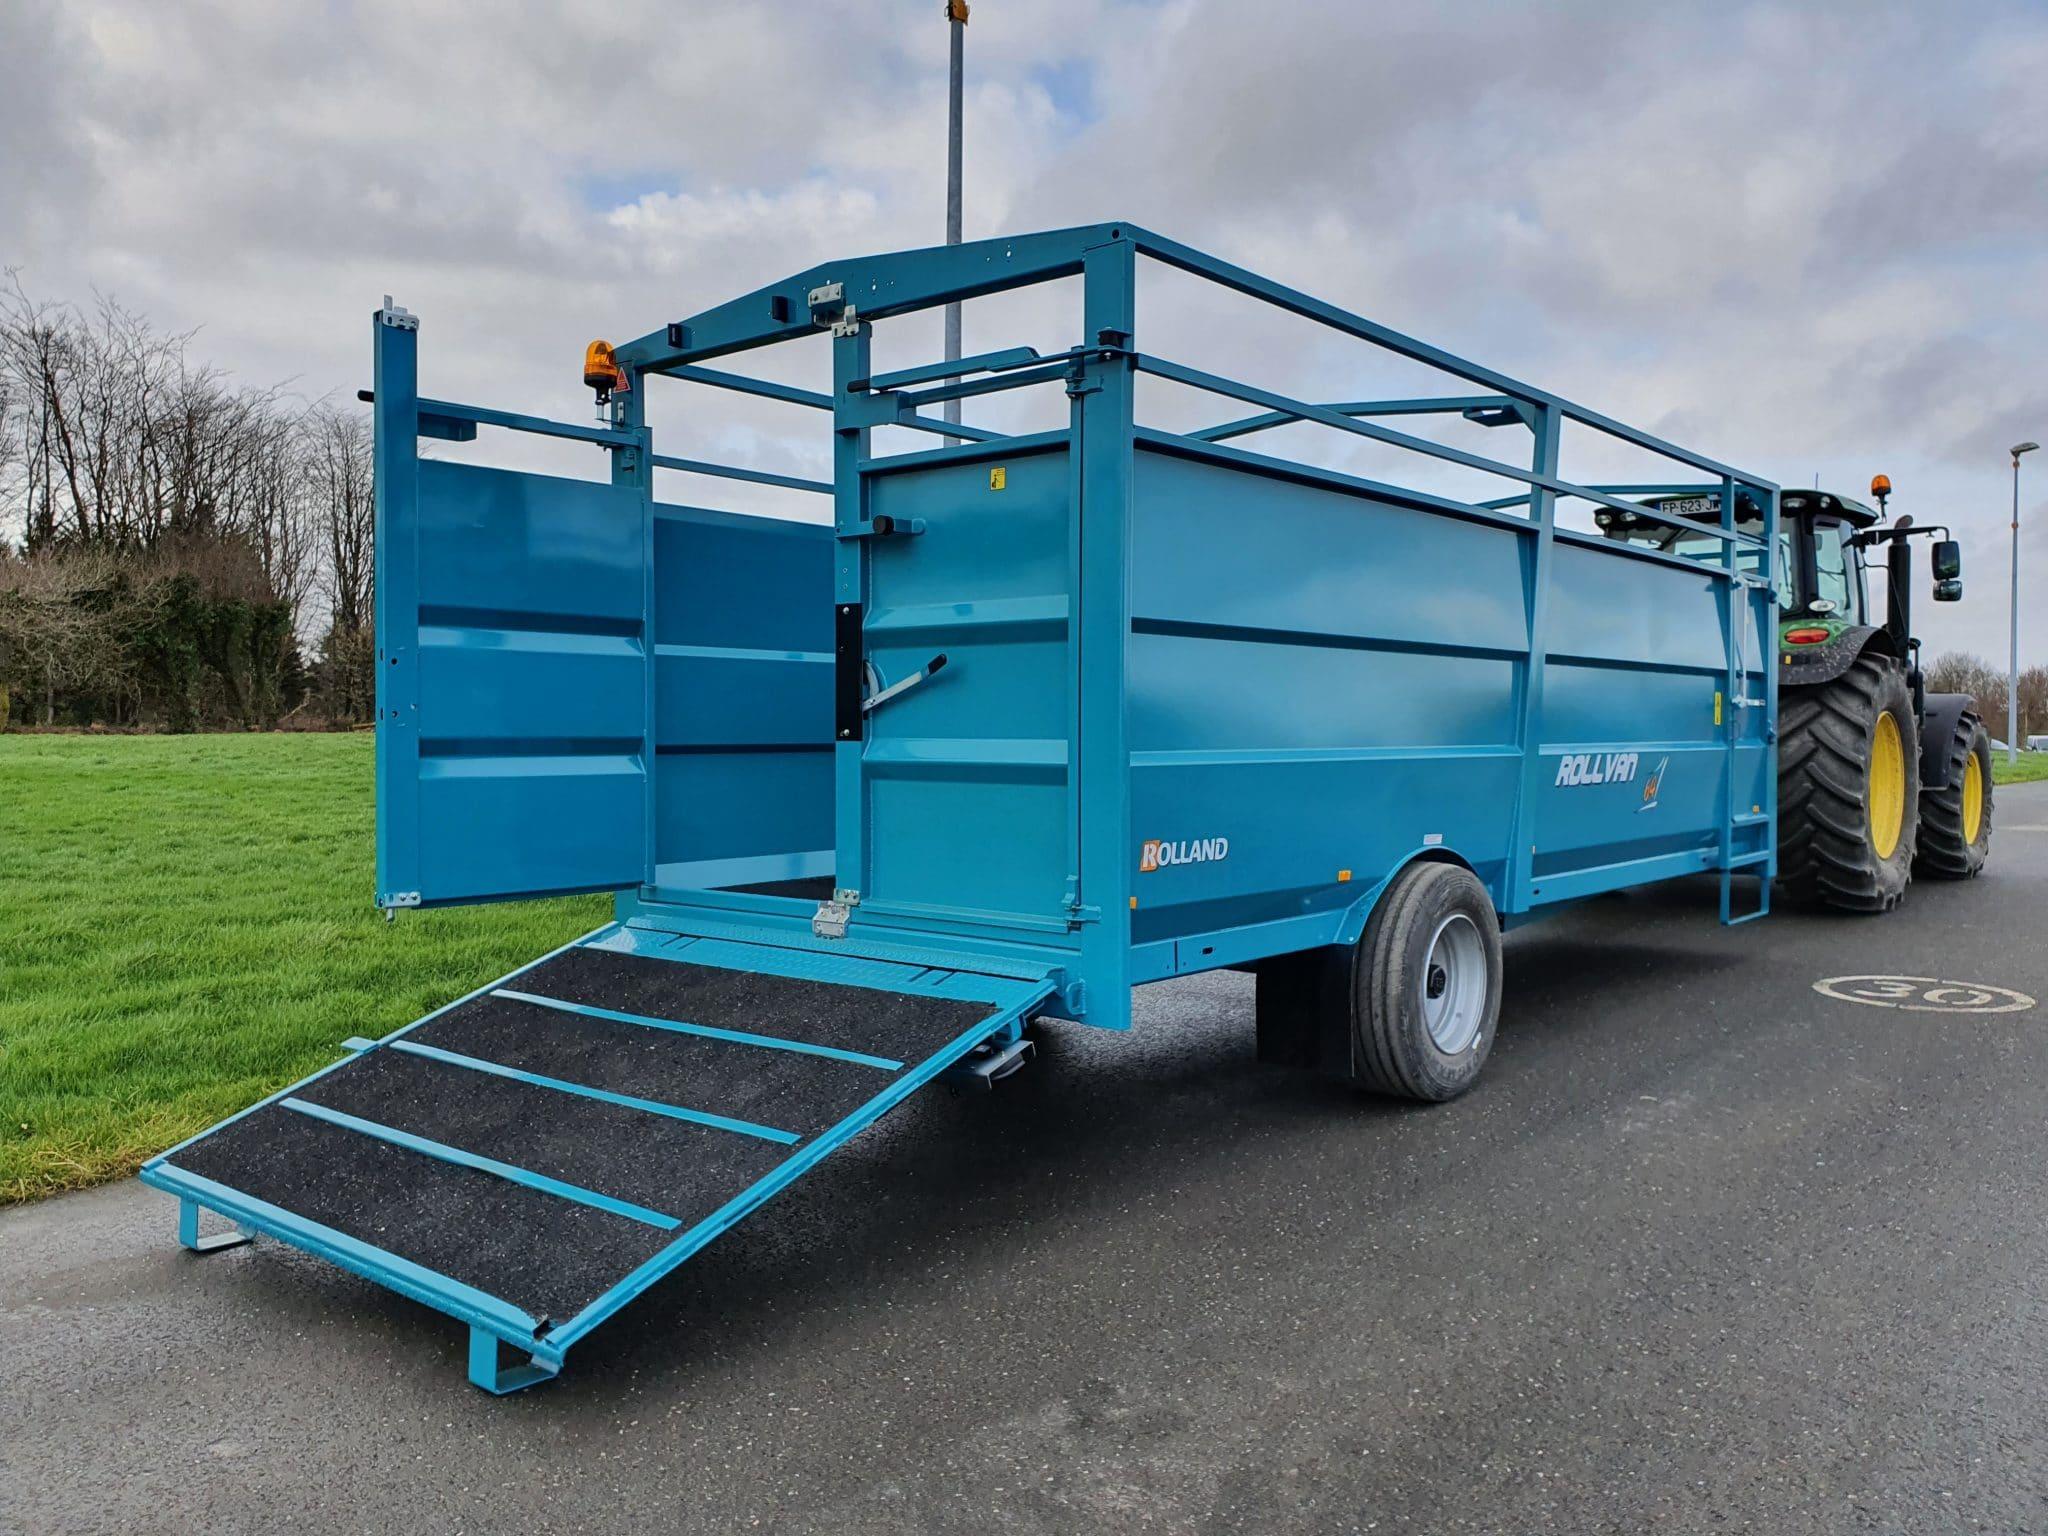 Rollvan 64 – rampa de carga